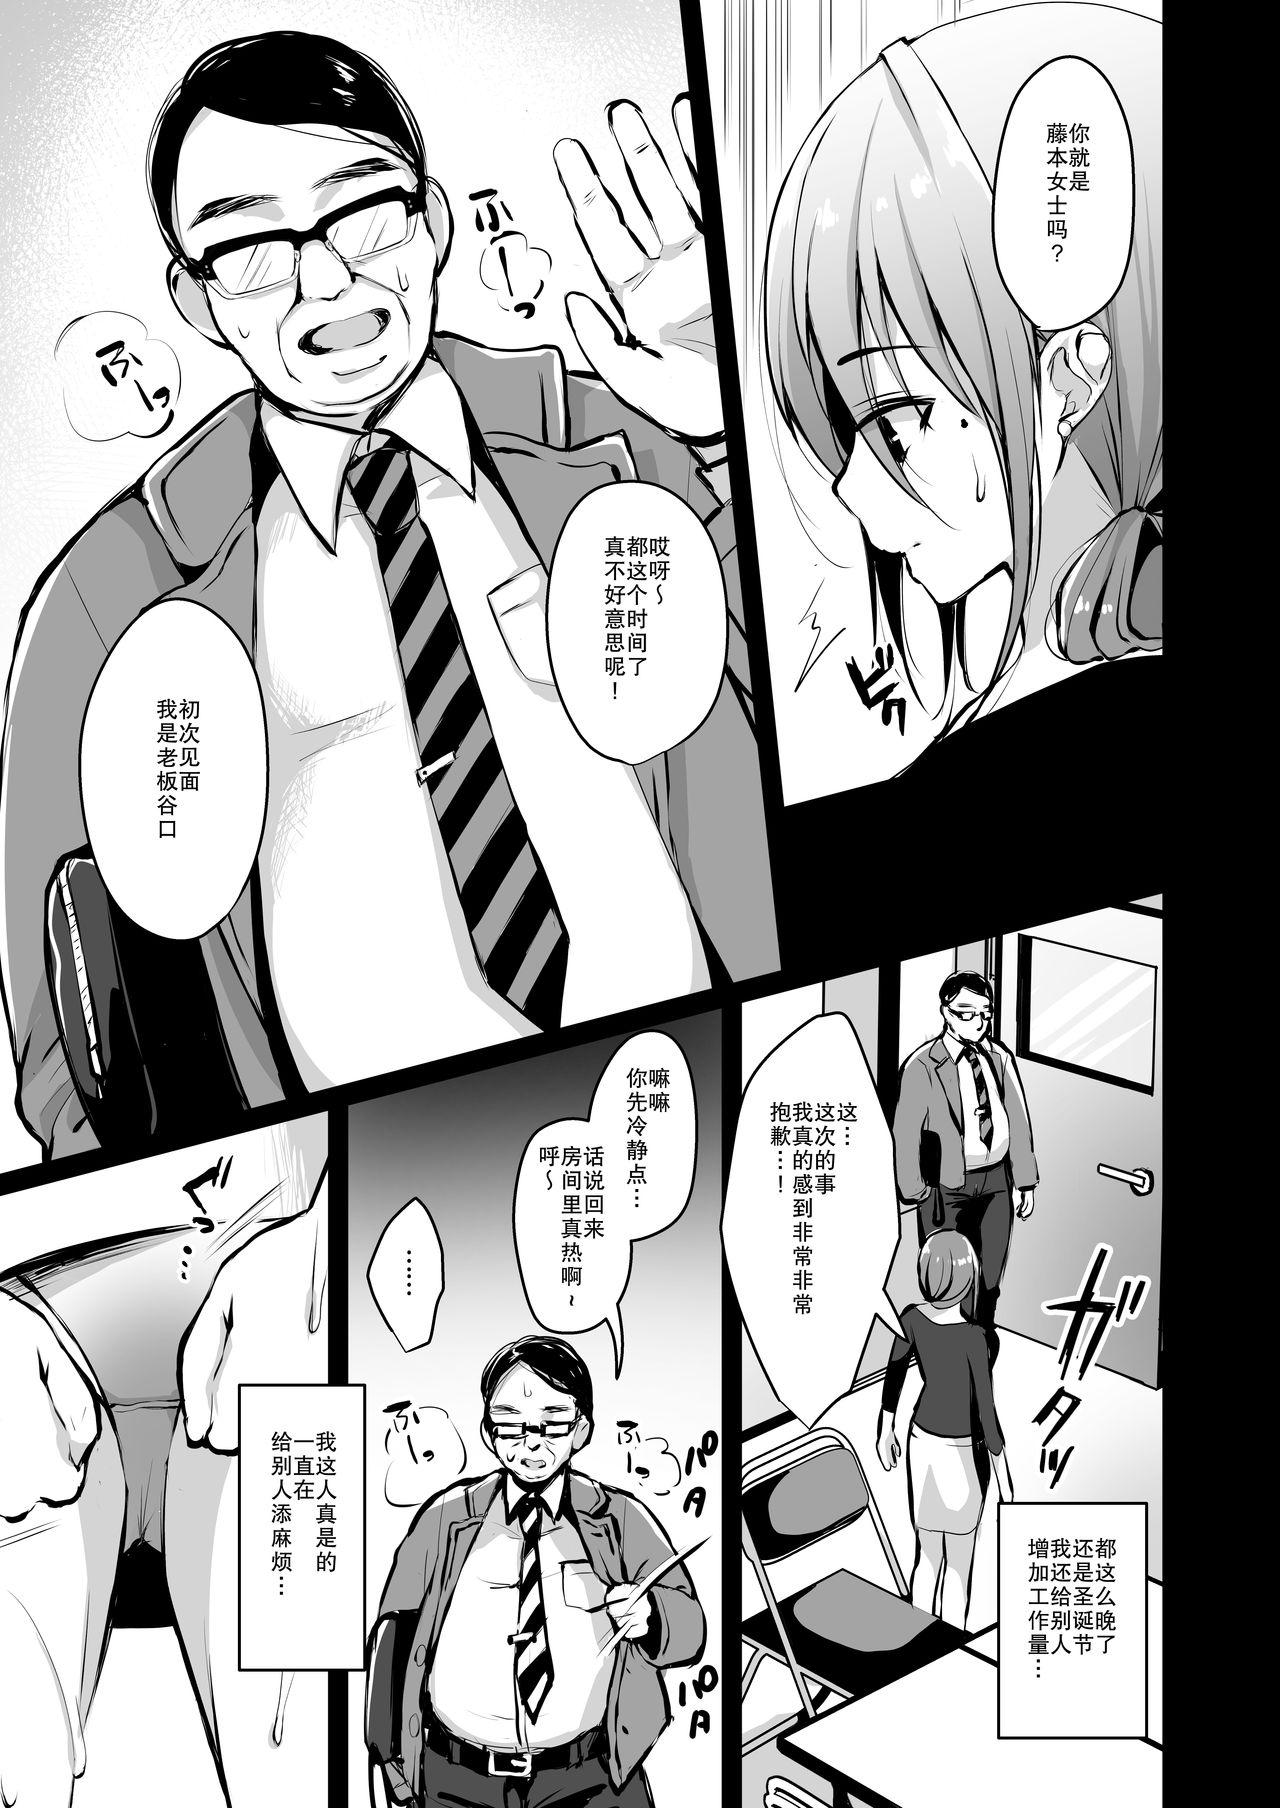 Himitsu 2 4